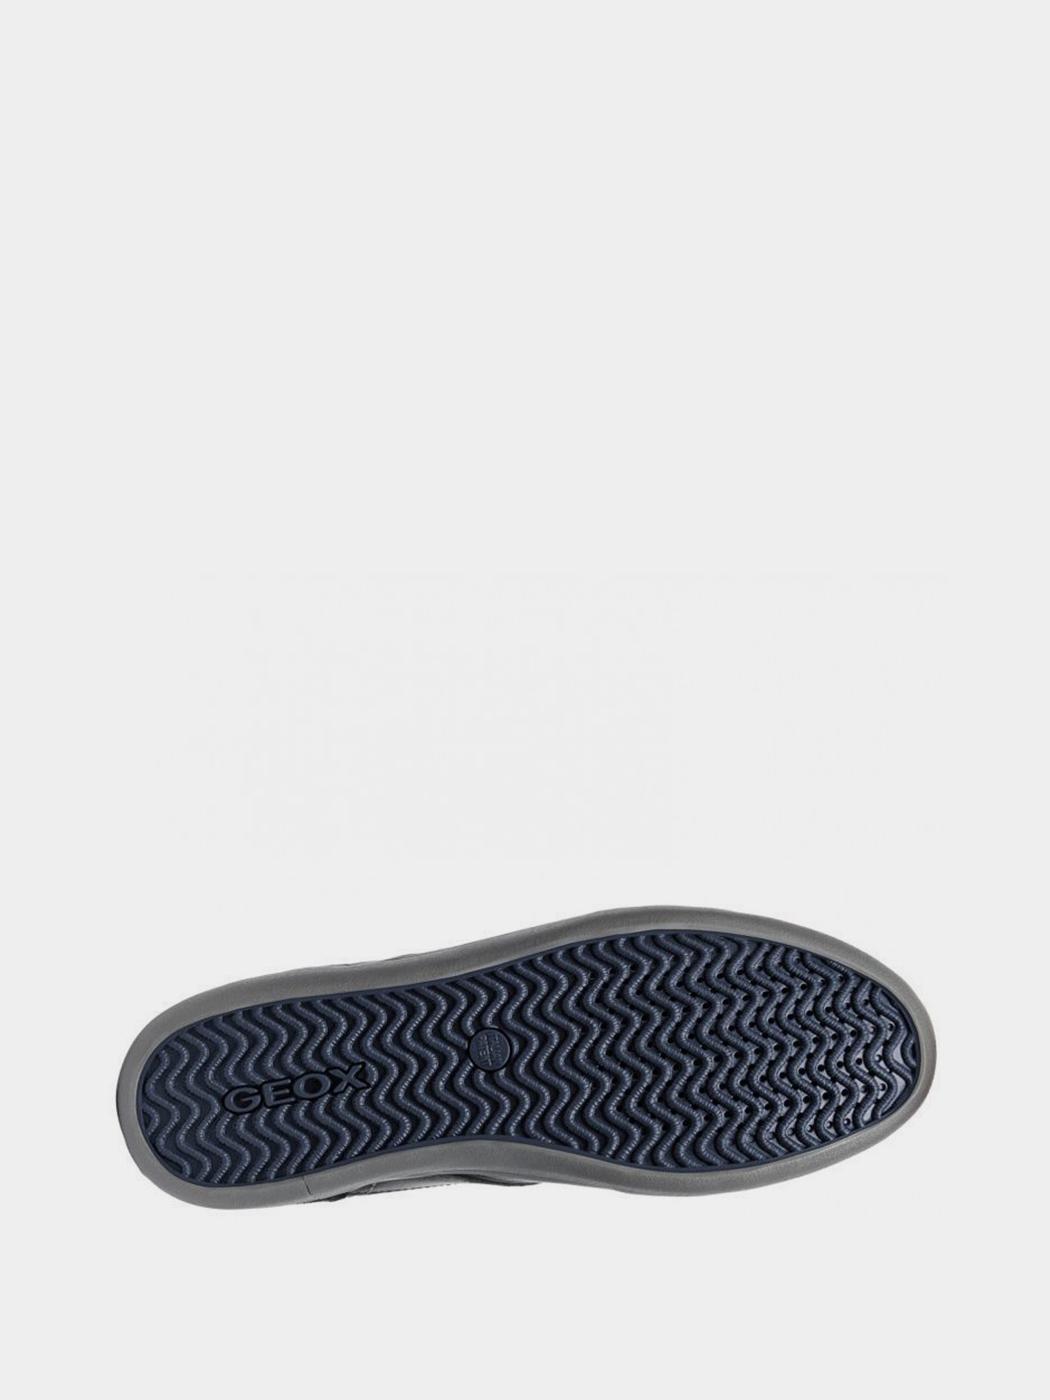 Ботинки для мужчин Geox BOX XM1910 размеры обуви, 2017